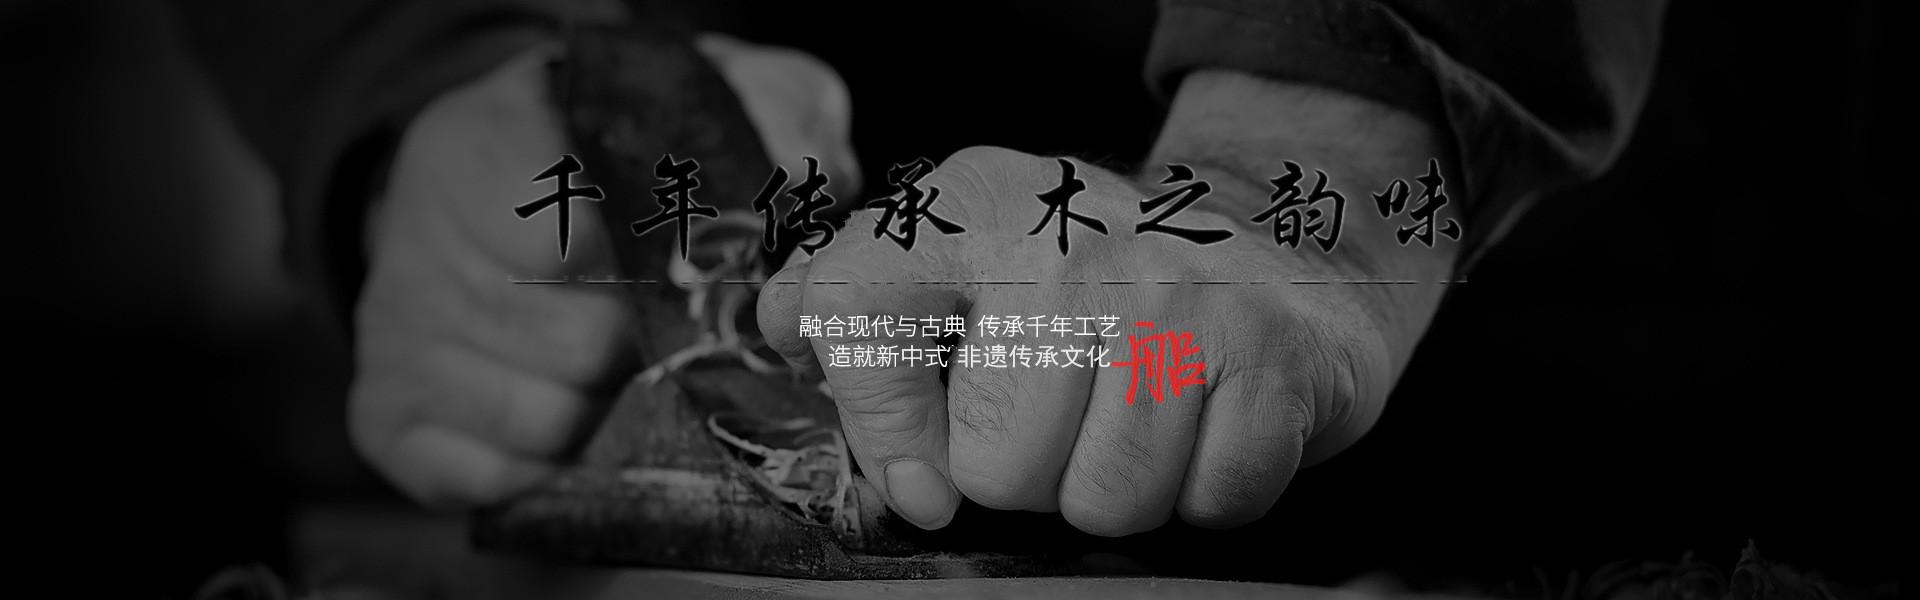 兴化市桂金木船厂